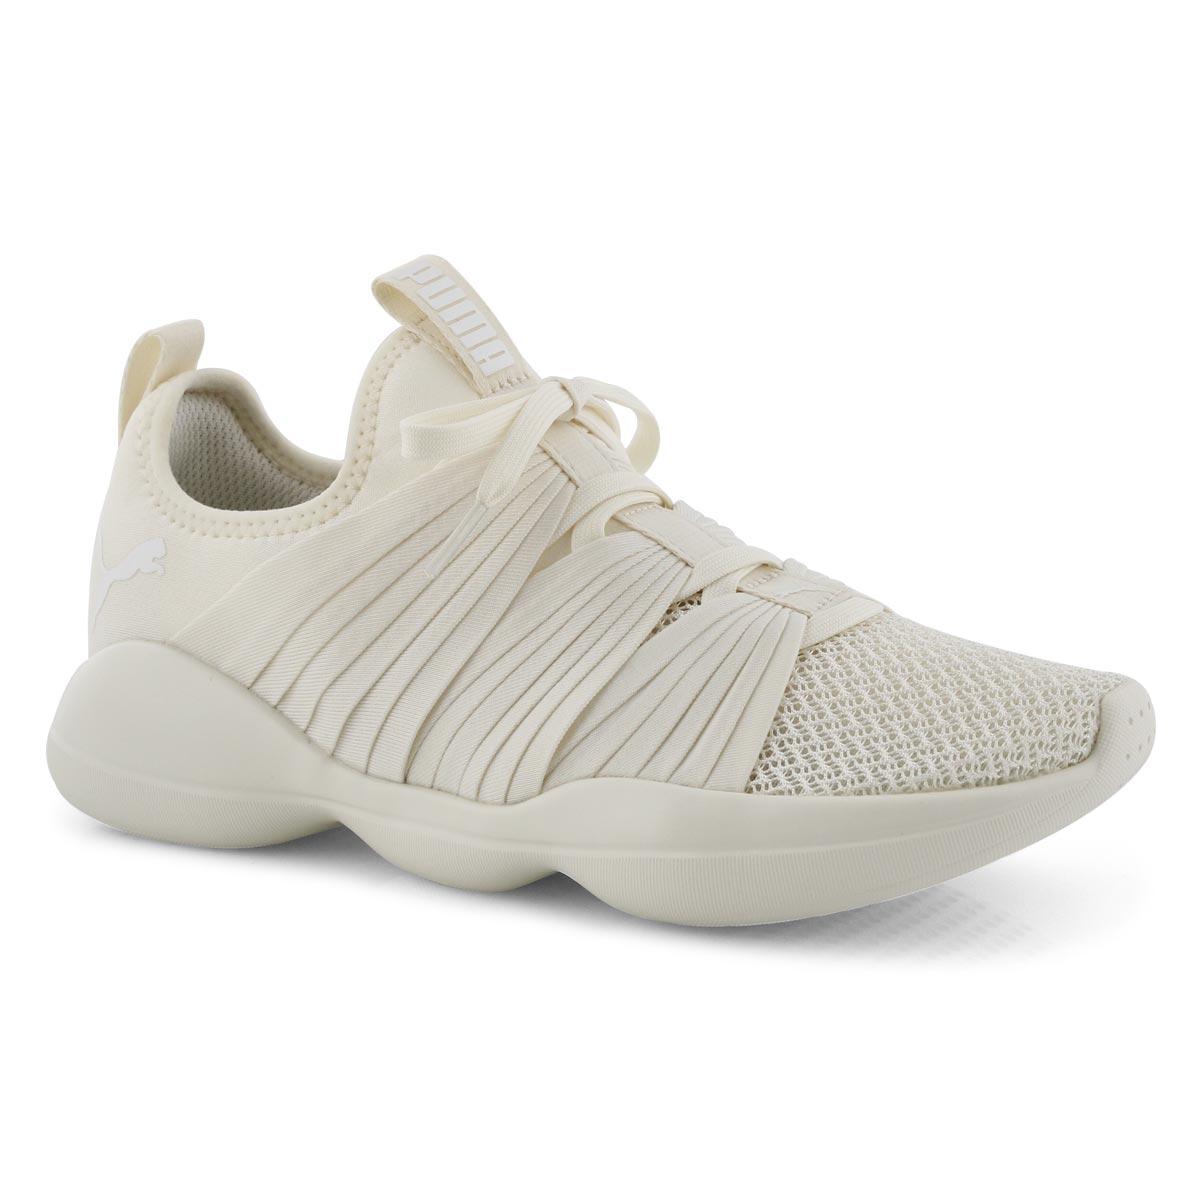 Lds Flourish white slip on sneaker